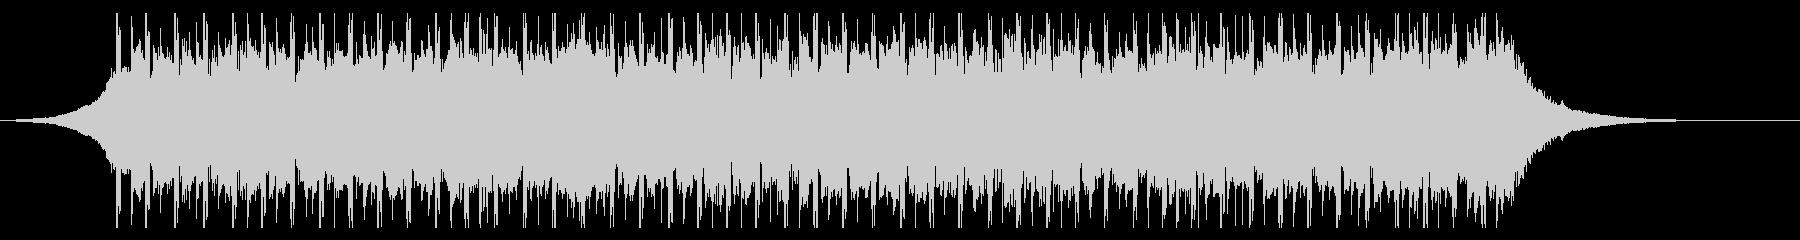 インフォグラフィック(30秒)の未再生の波形